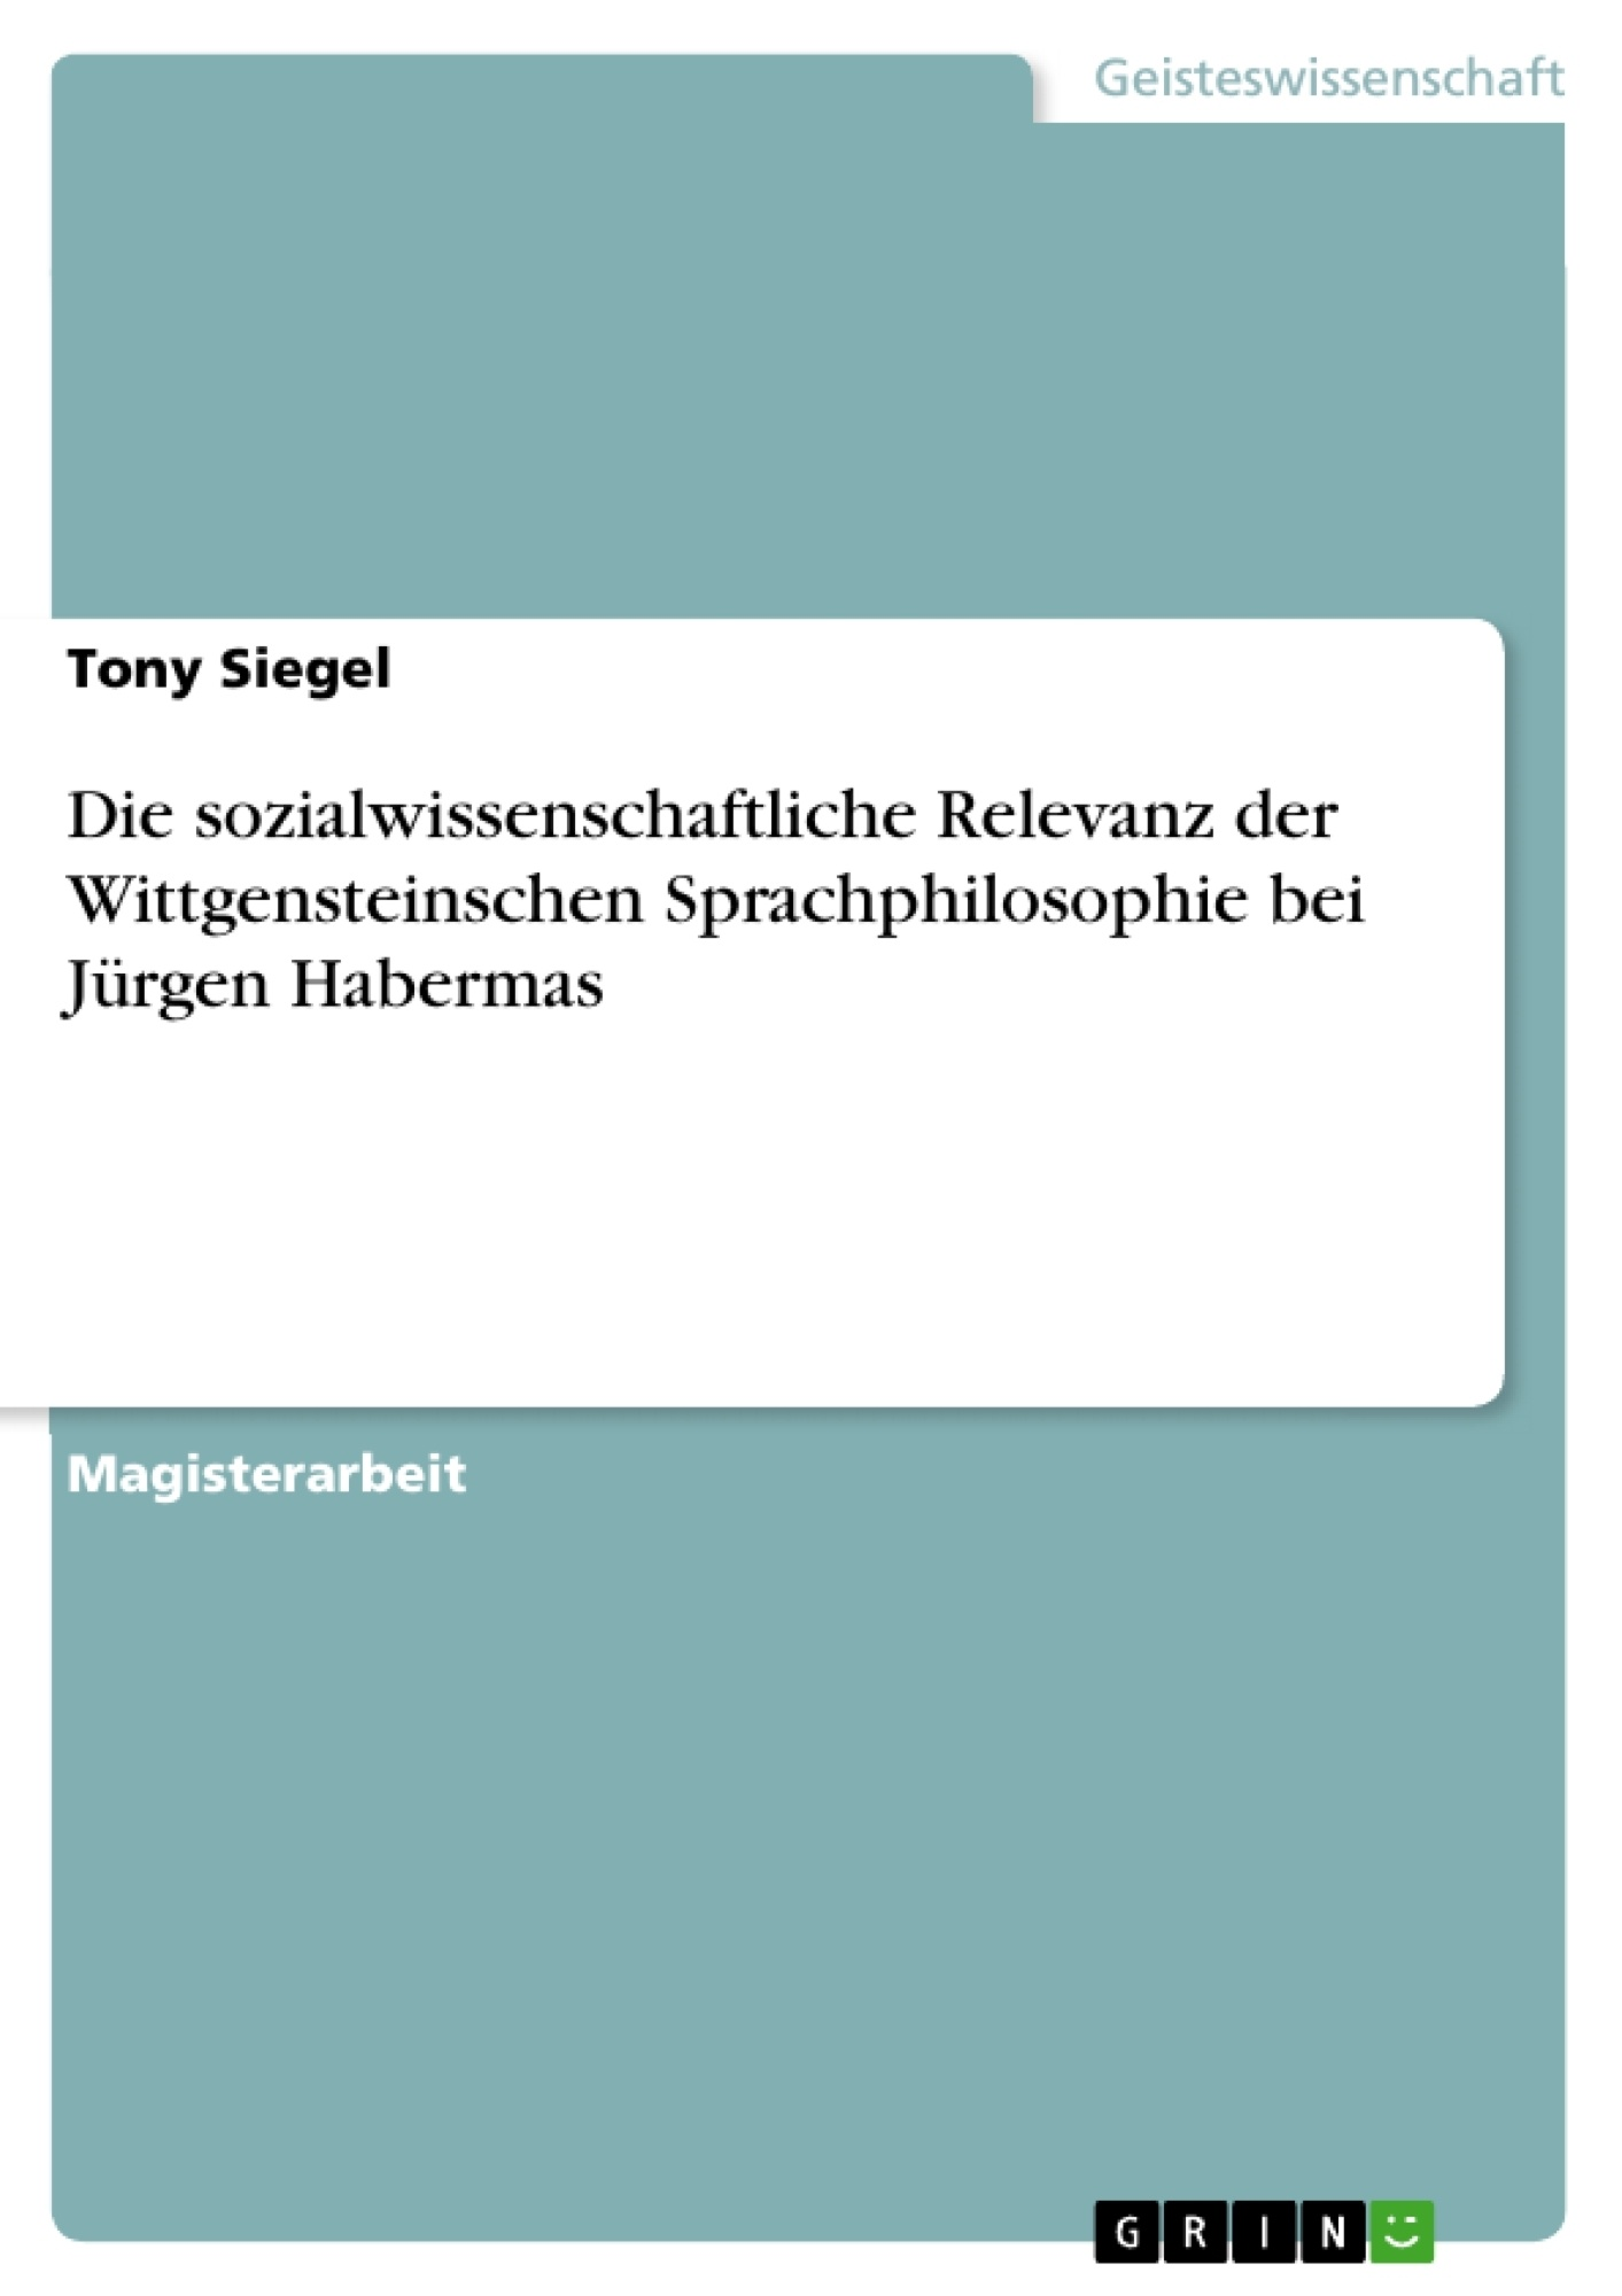 Titel: Die sozialwissenschaftliche Relevanz der Wittgensteinschen Sprachphilosophie bei Jürgen Habermas